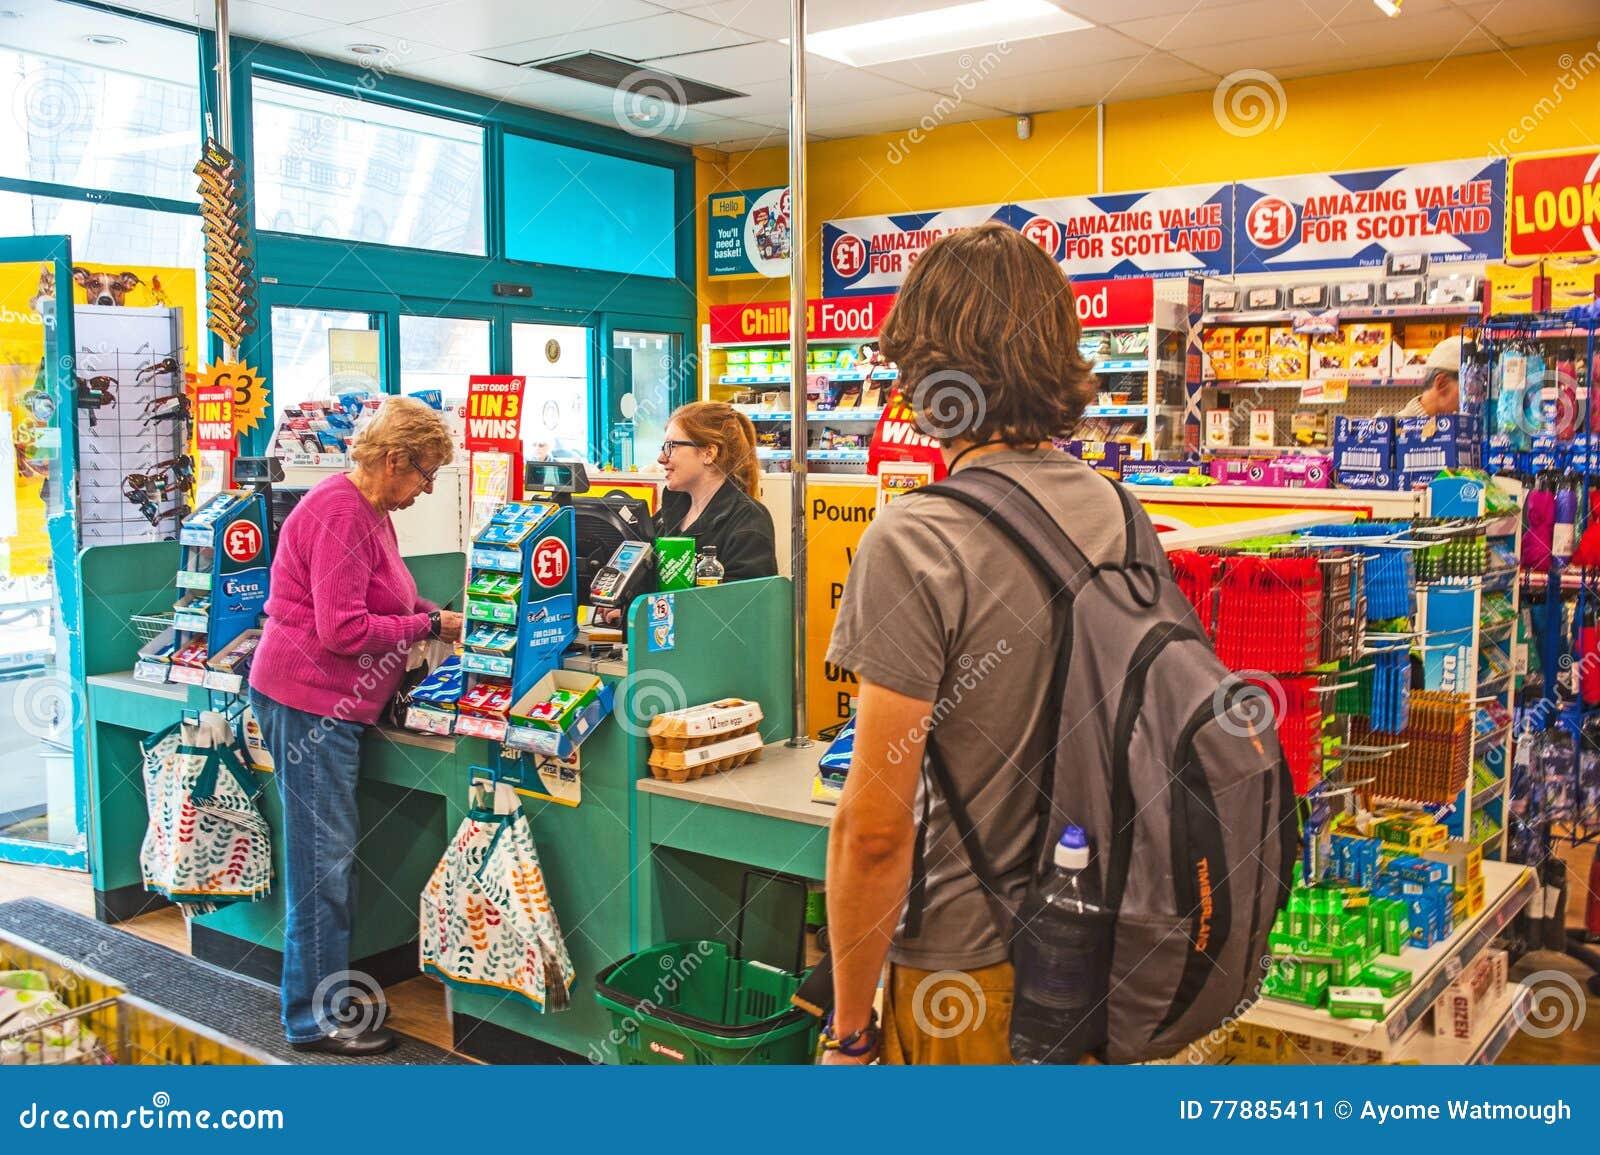 Dentro De La Tienda De Poundland Foto editorial